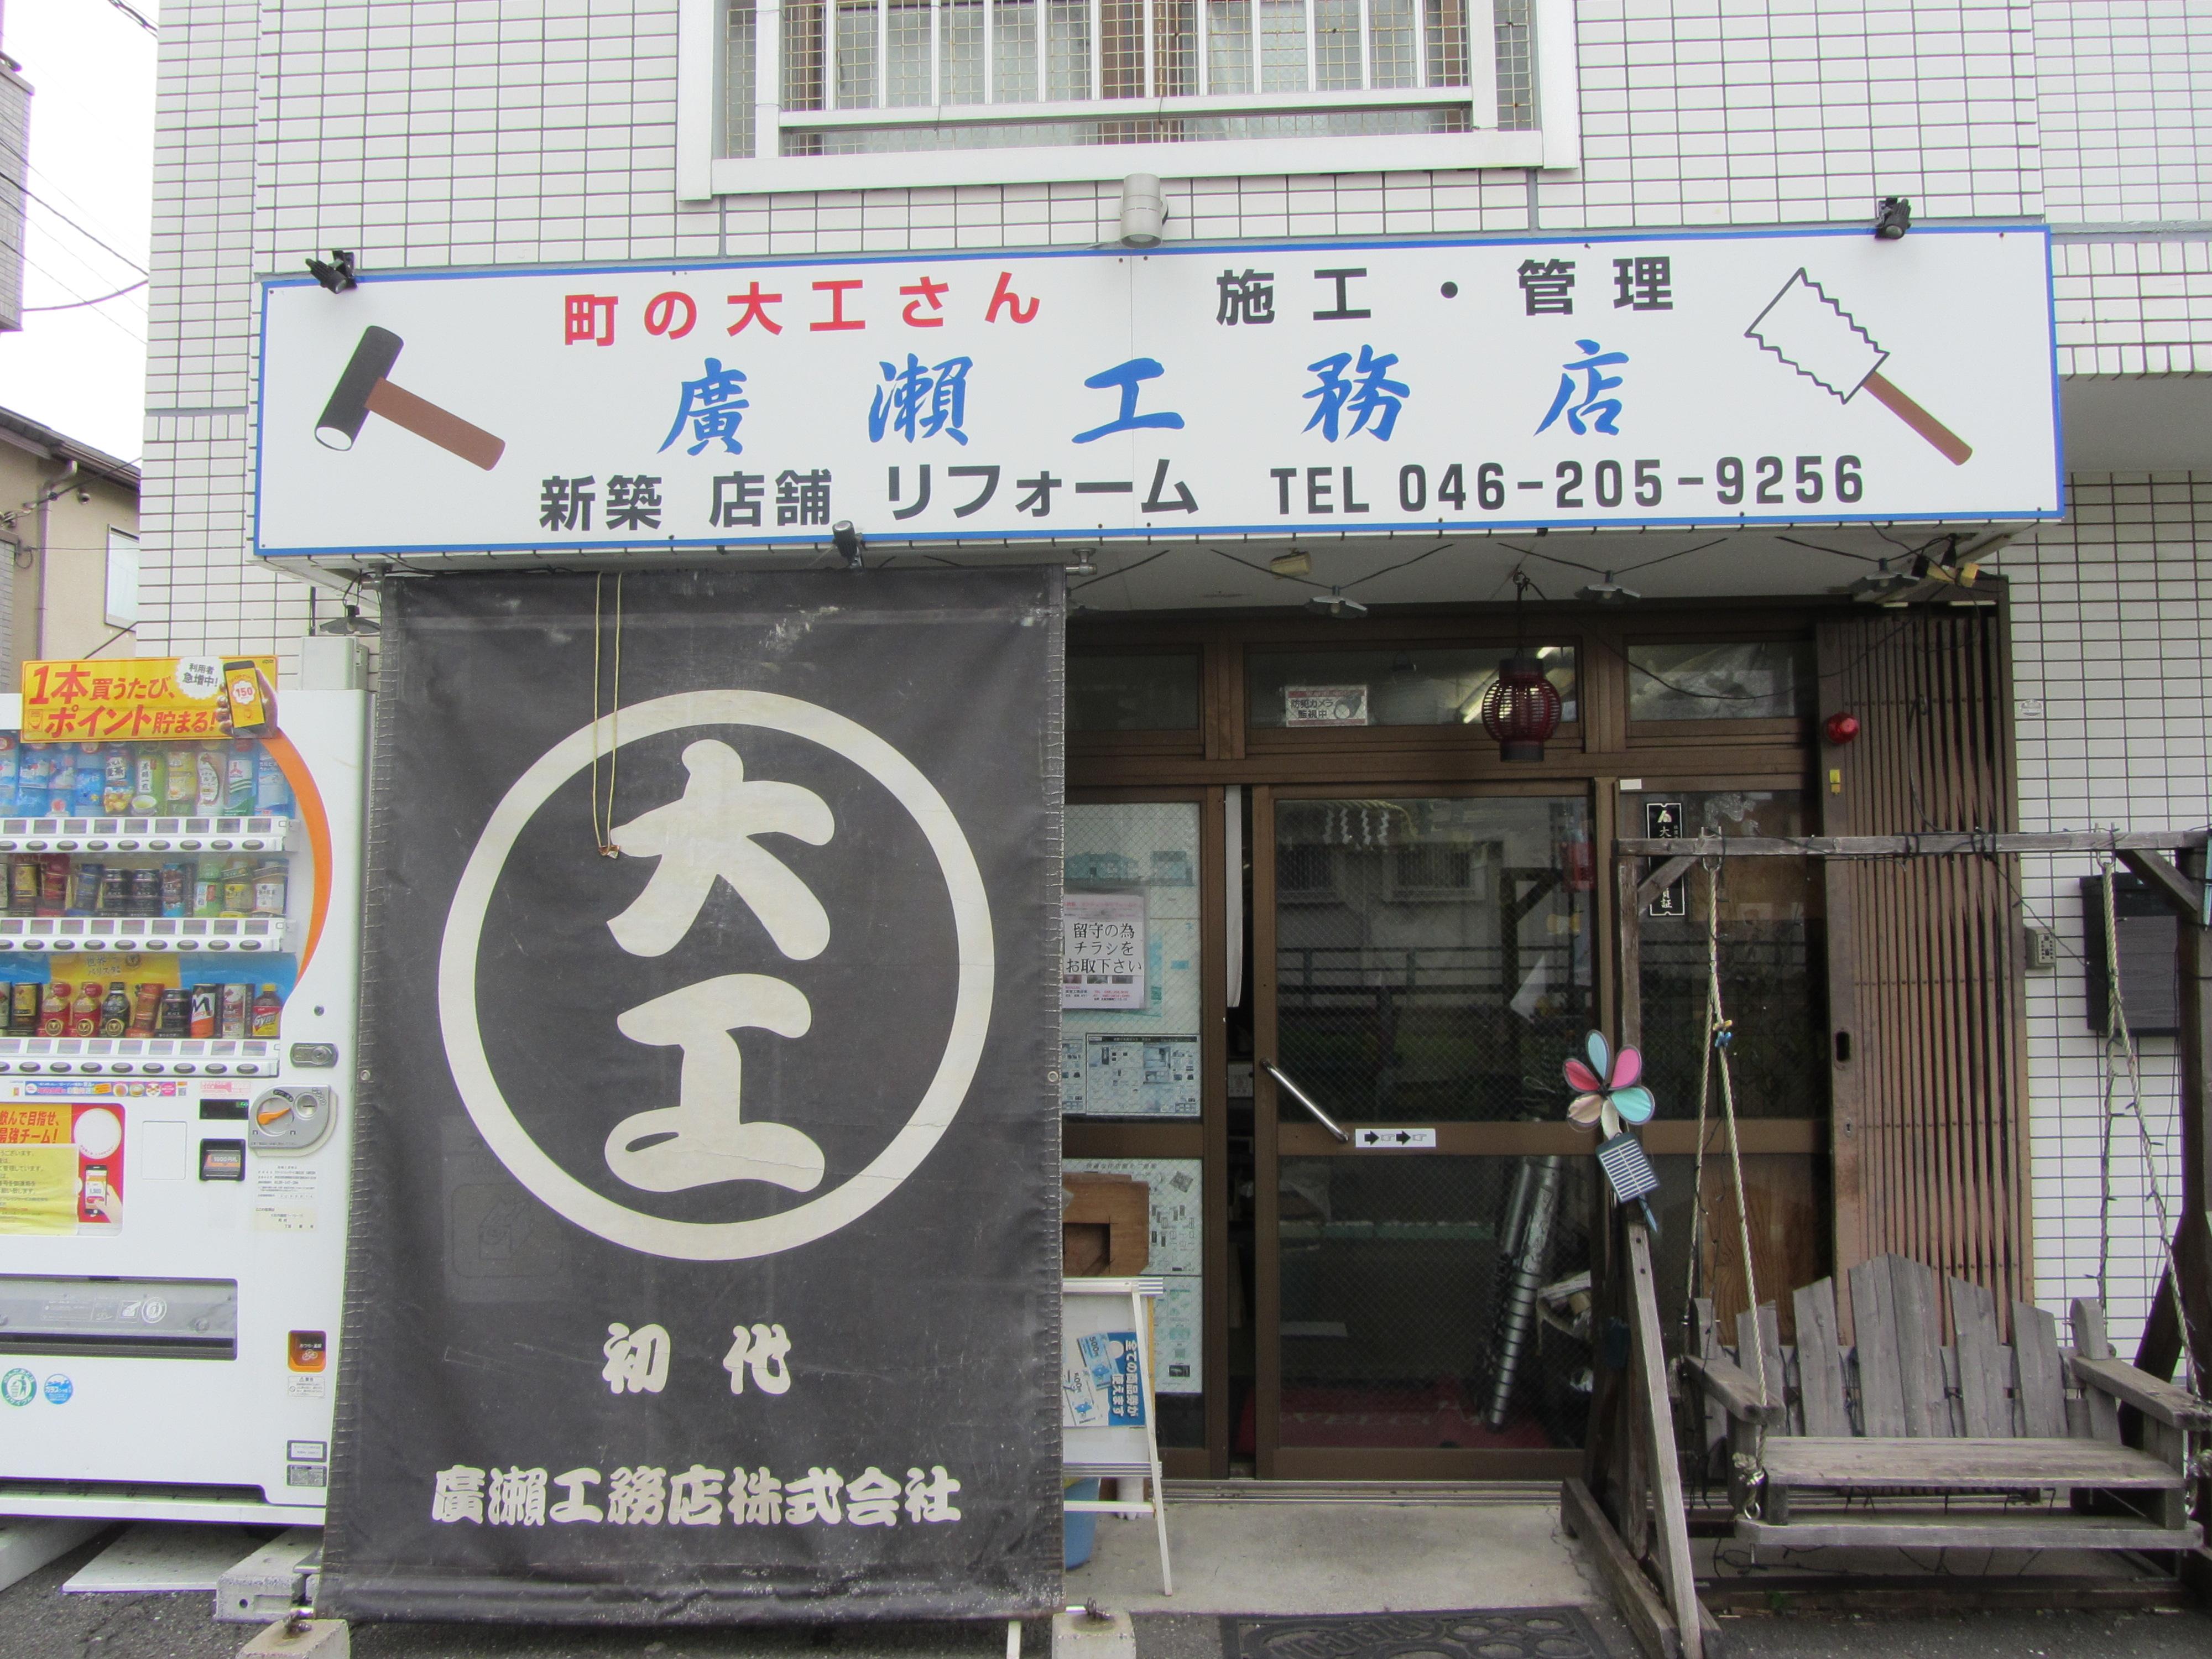 廣瀬工務店株式会社のおすすめ